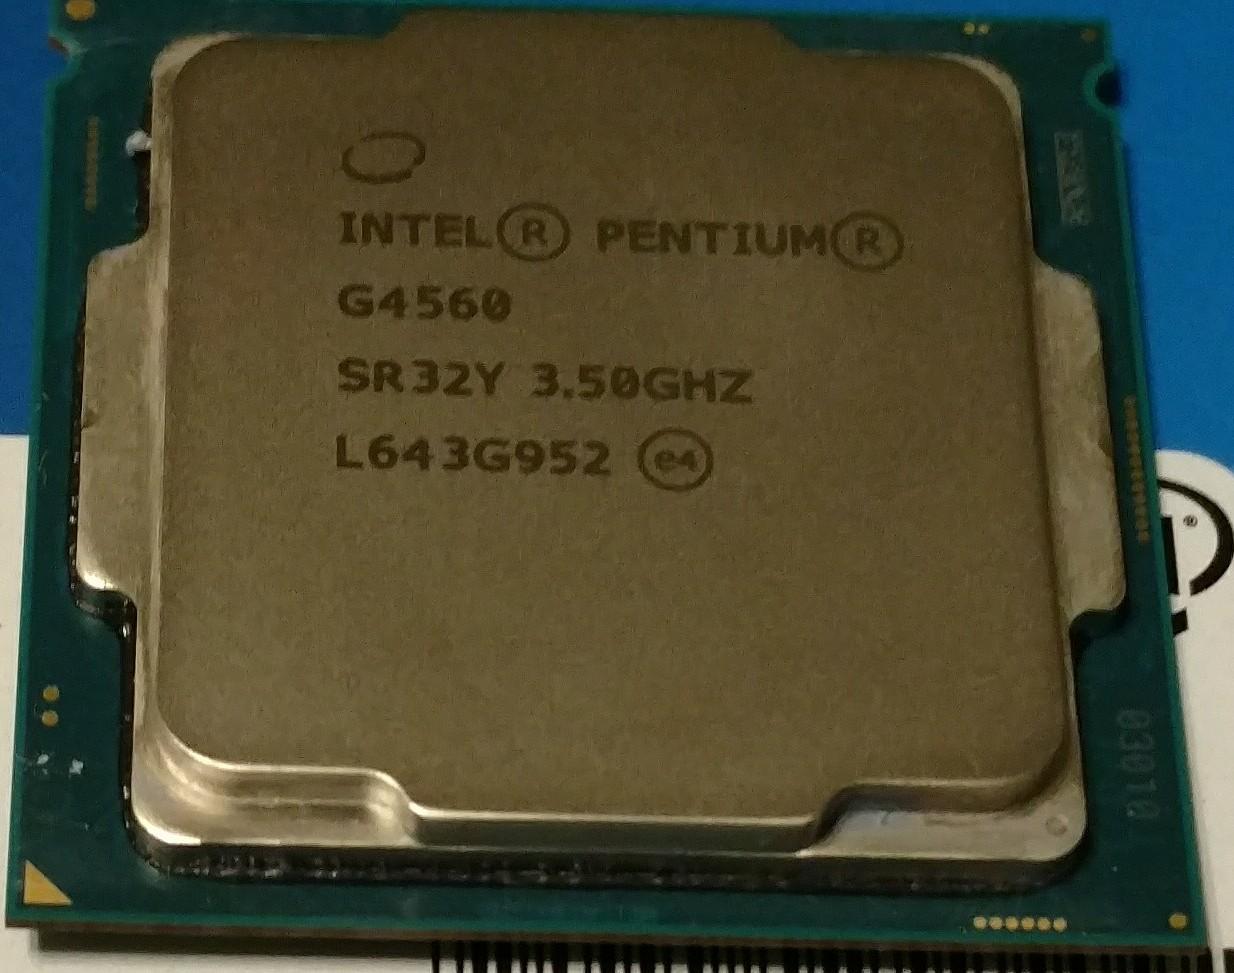 Intel Pentium G4560 4 X 3.5GHz ( i3 6100 )